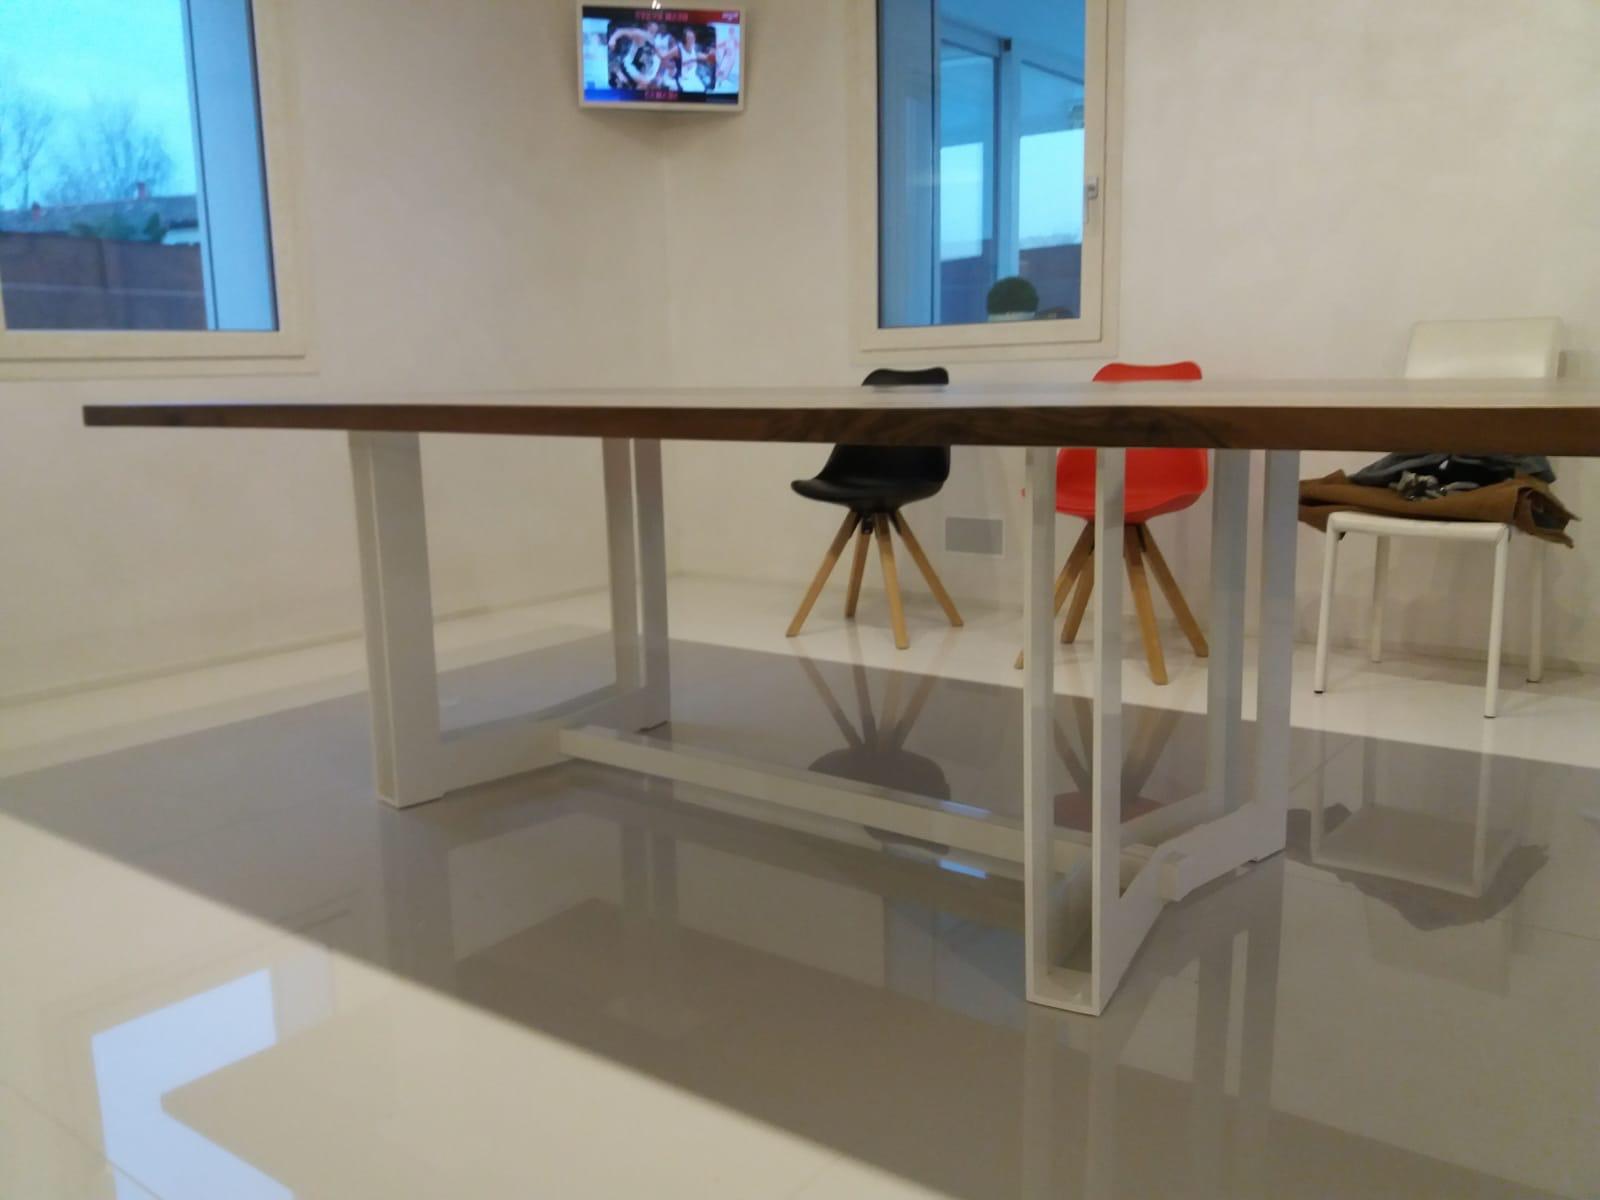 tavolo casarotto design legno noce nazionale resina foto 2